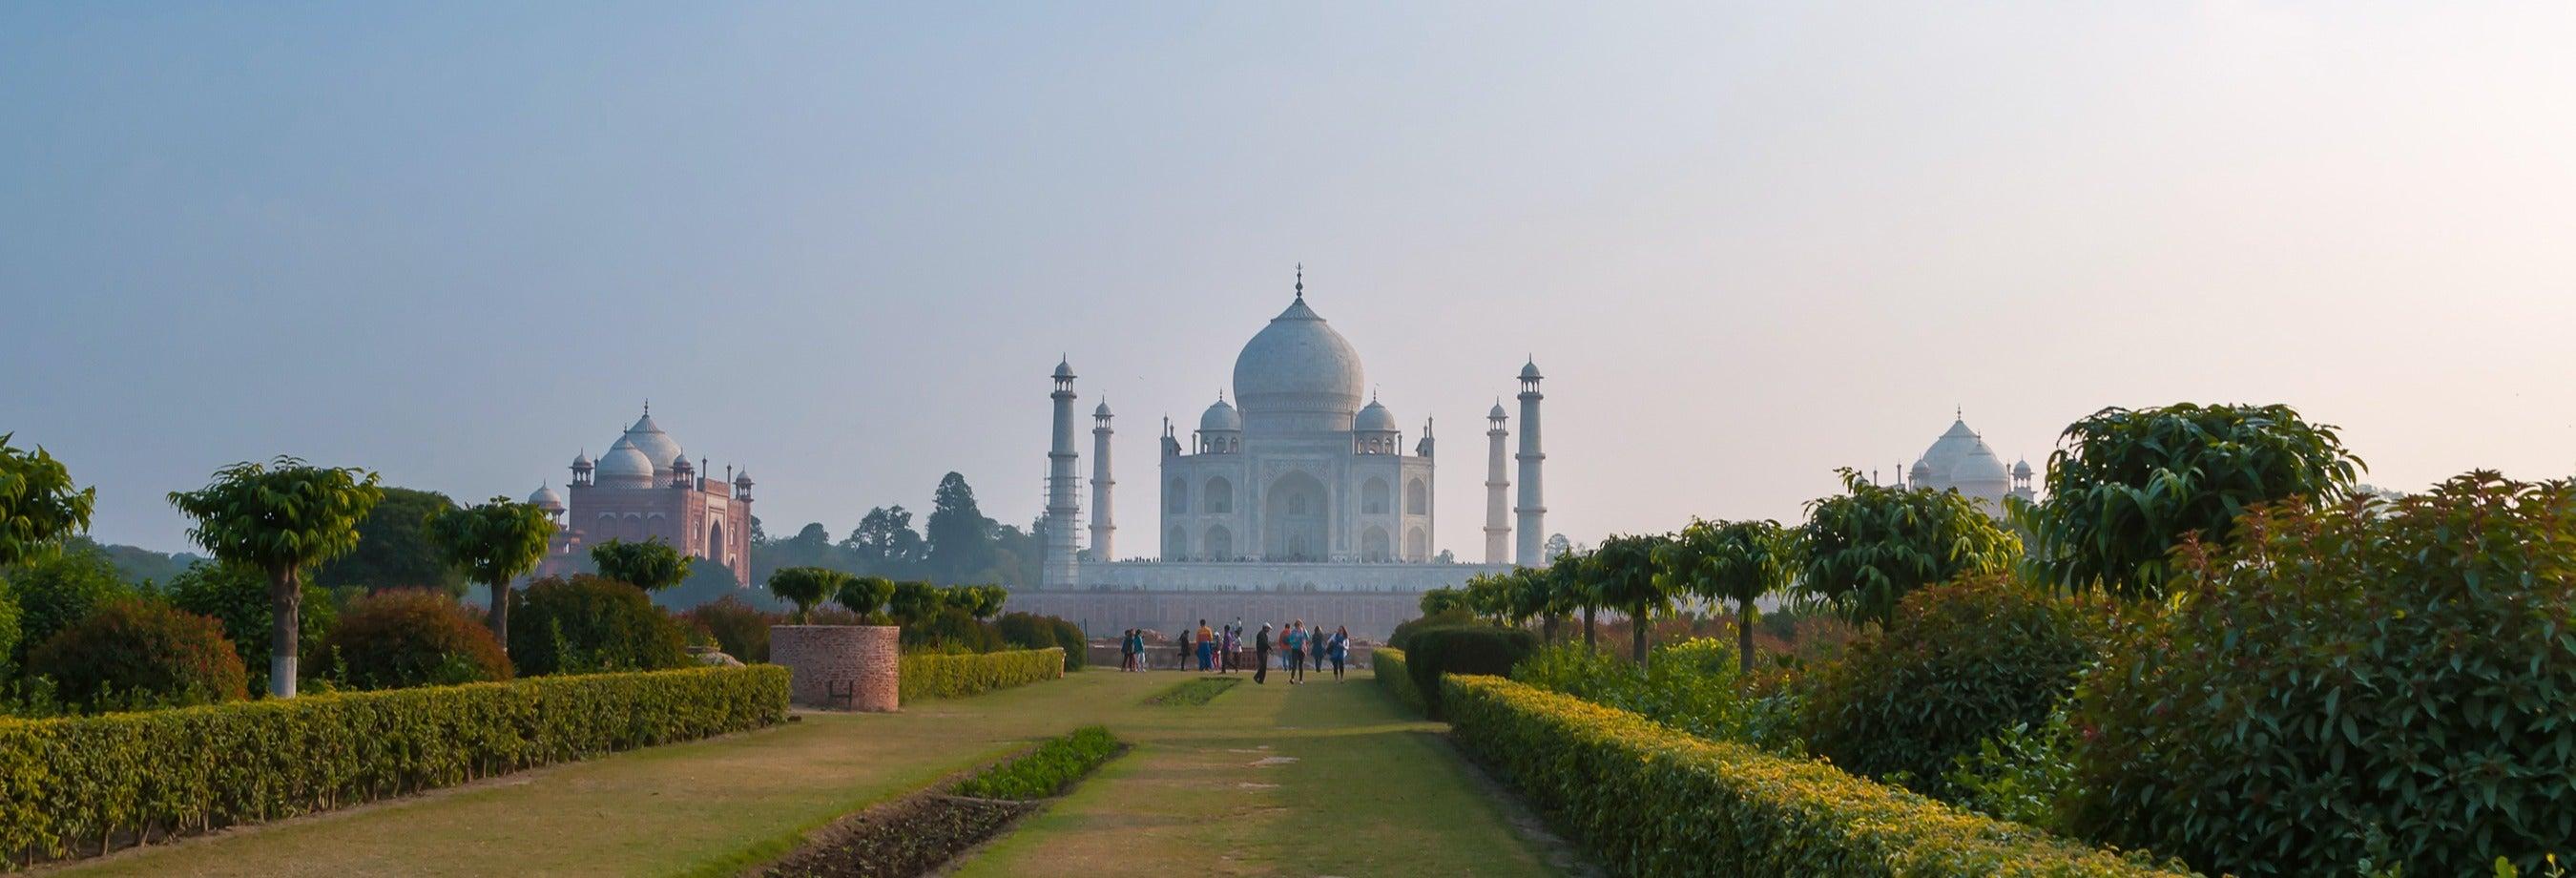 Tour privado pelo Jardim Mehtab Bagh e o mausoléu Itimad-ud-Daulah